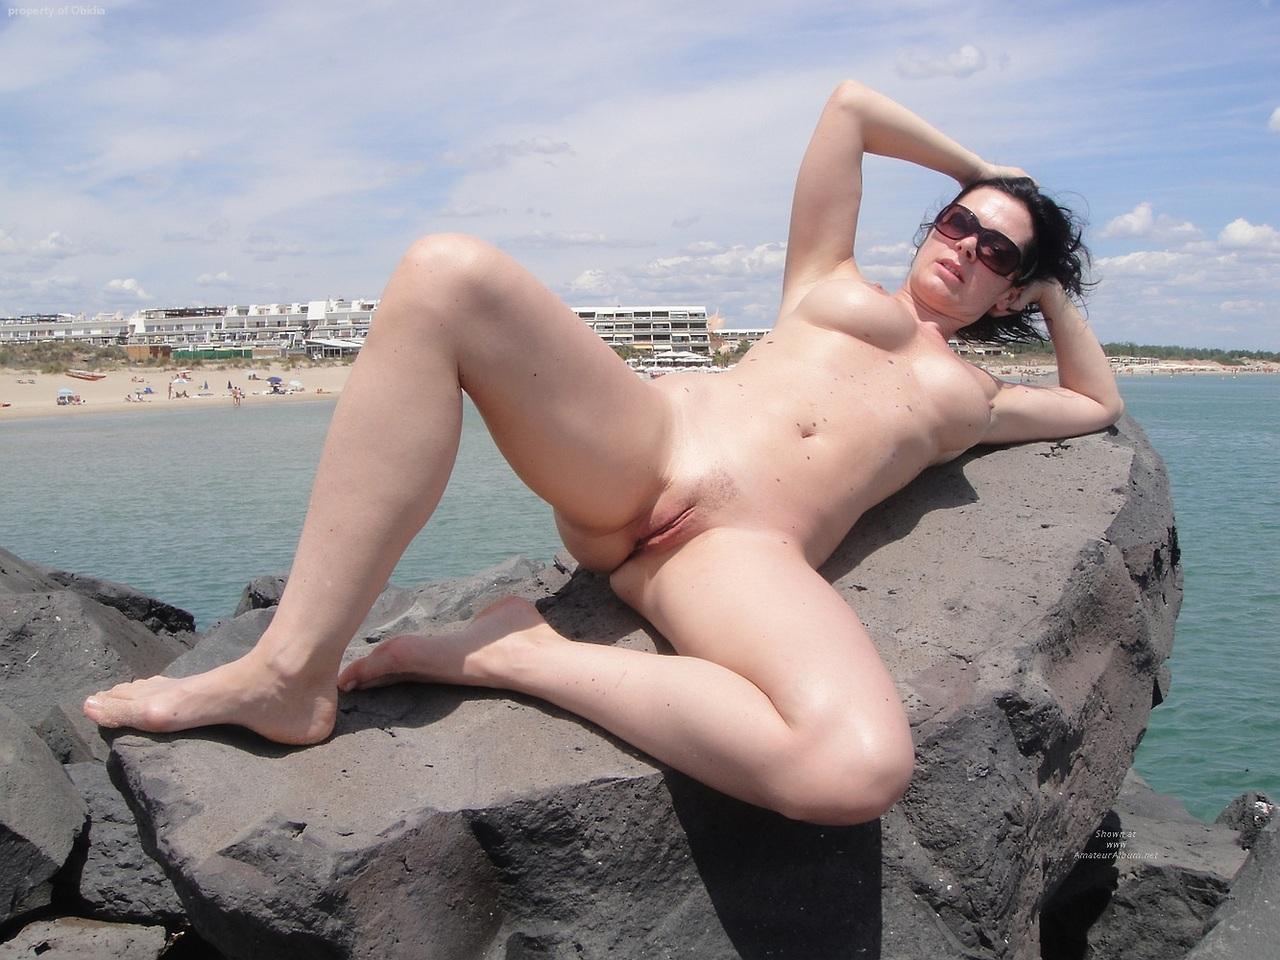 Смотреть фото секс на нудийском пляже бесплатно 15 фотография